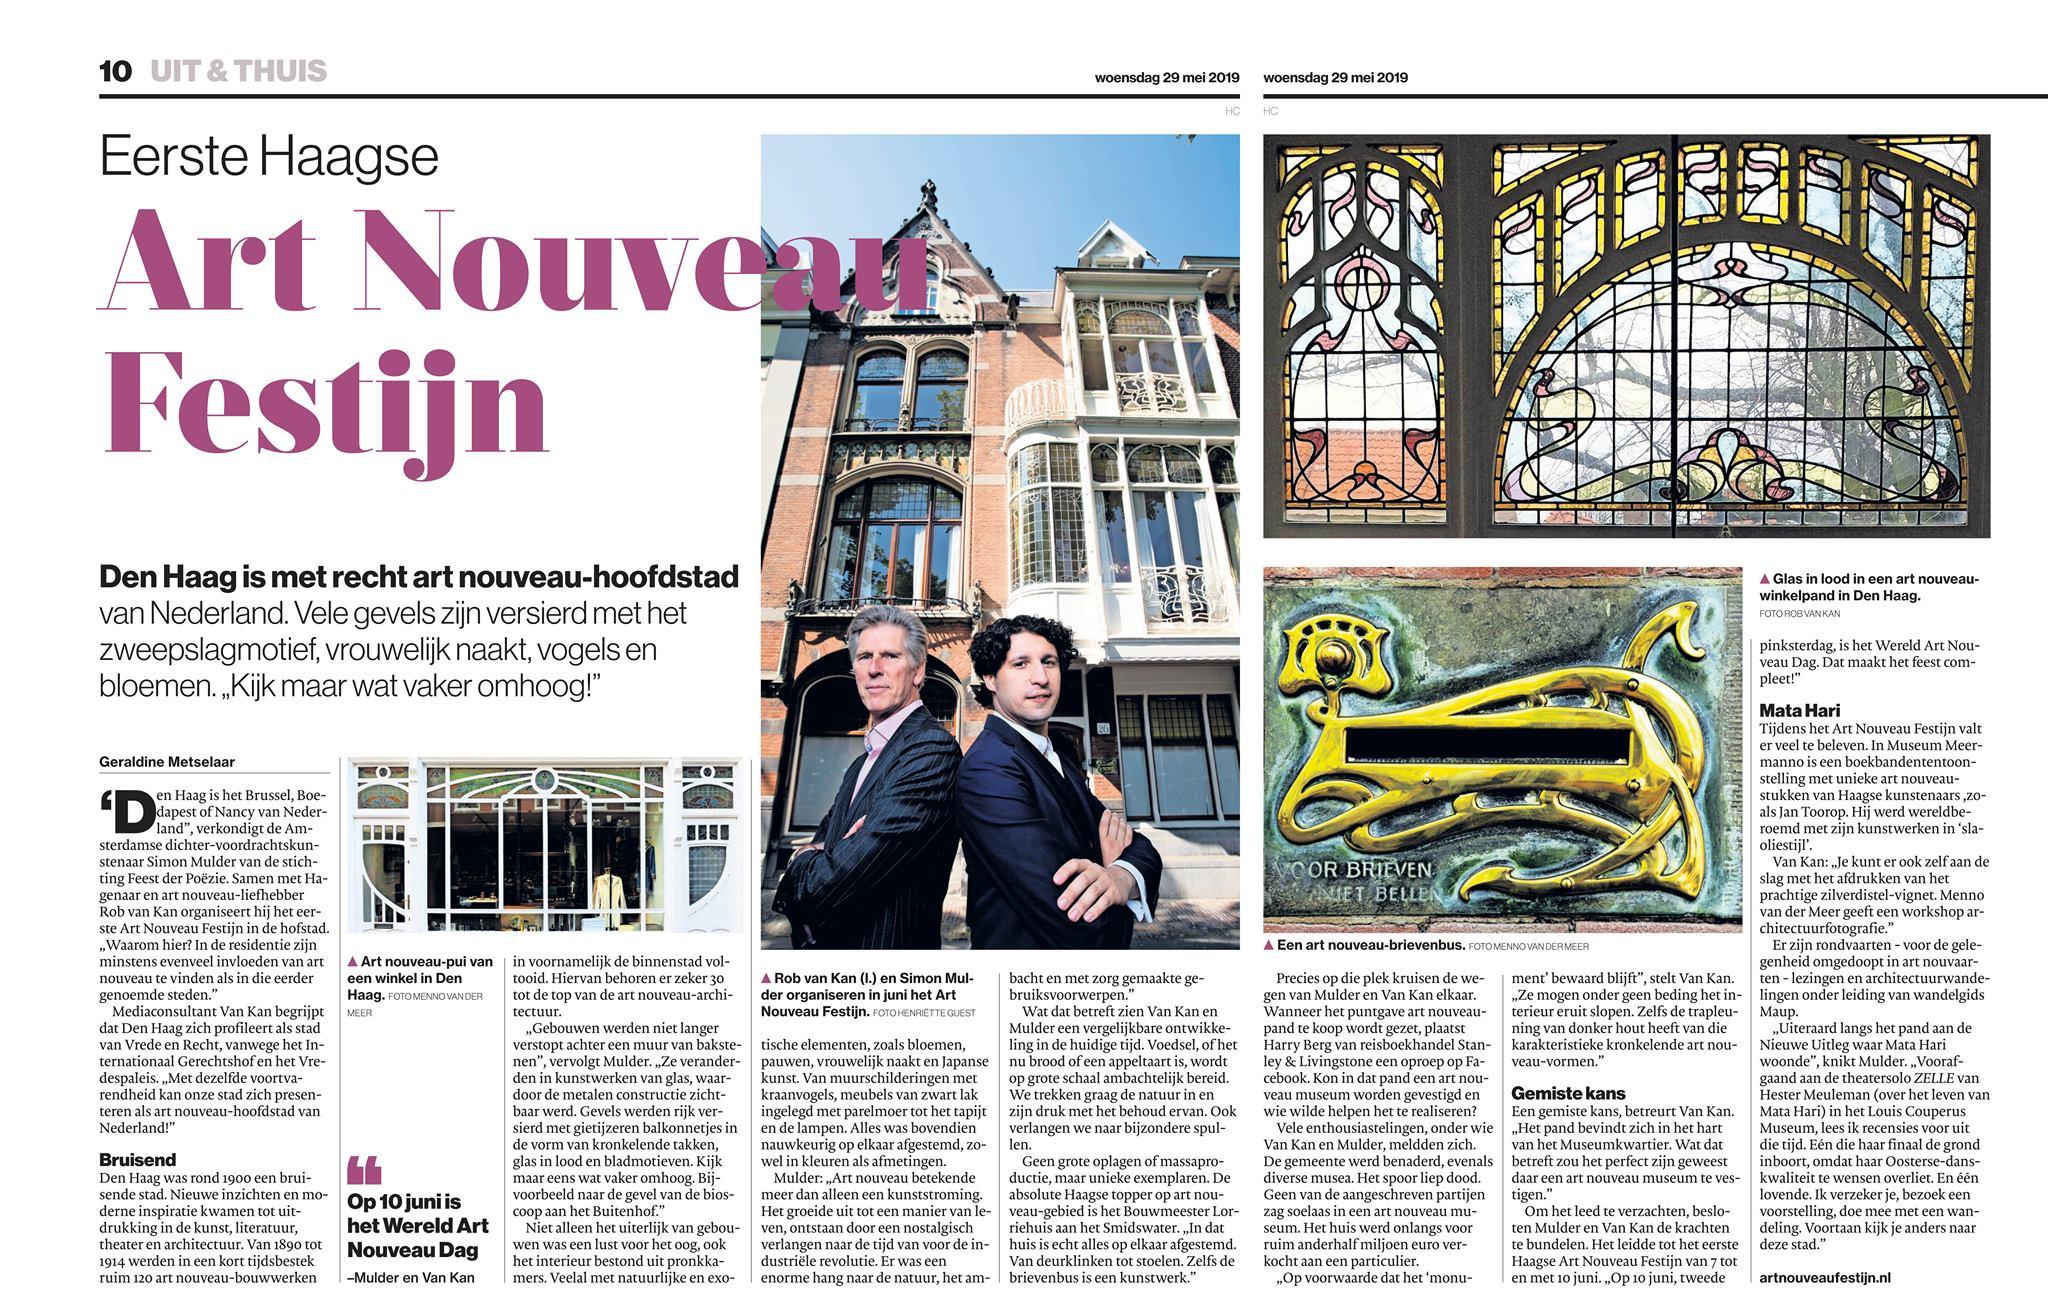 AD_Haagse_Courant_Art_Nouveau_Festijn_20190529